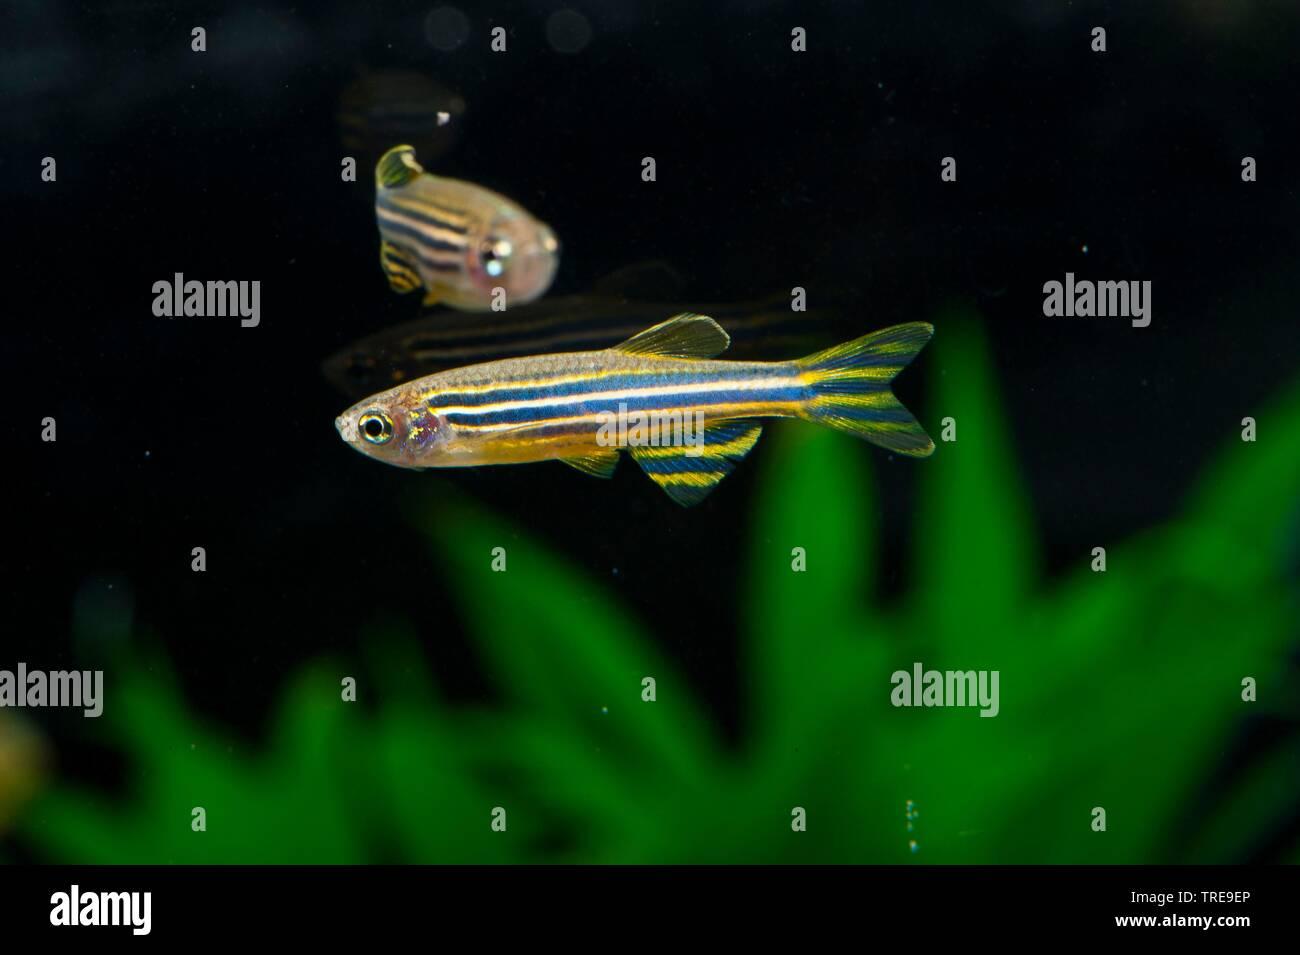 Zebra danio, Zebrafish (Brachydanio rerio, Danio rerio), swimming, side view Stock Photo